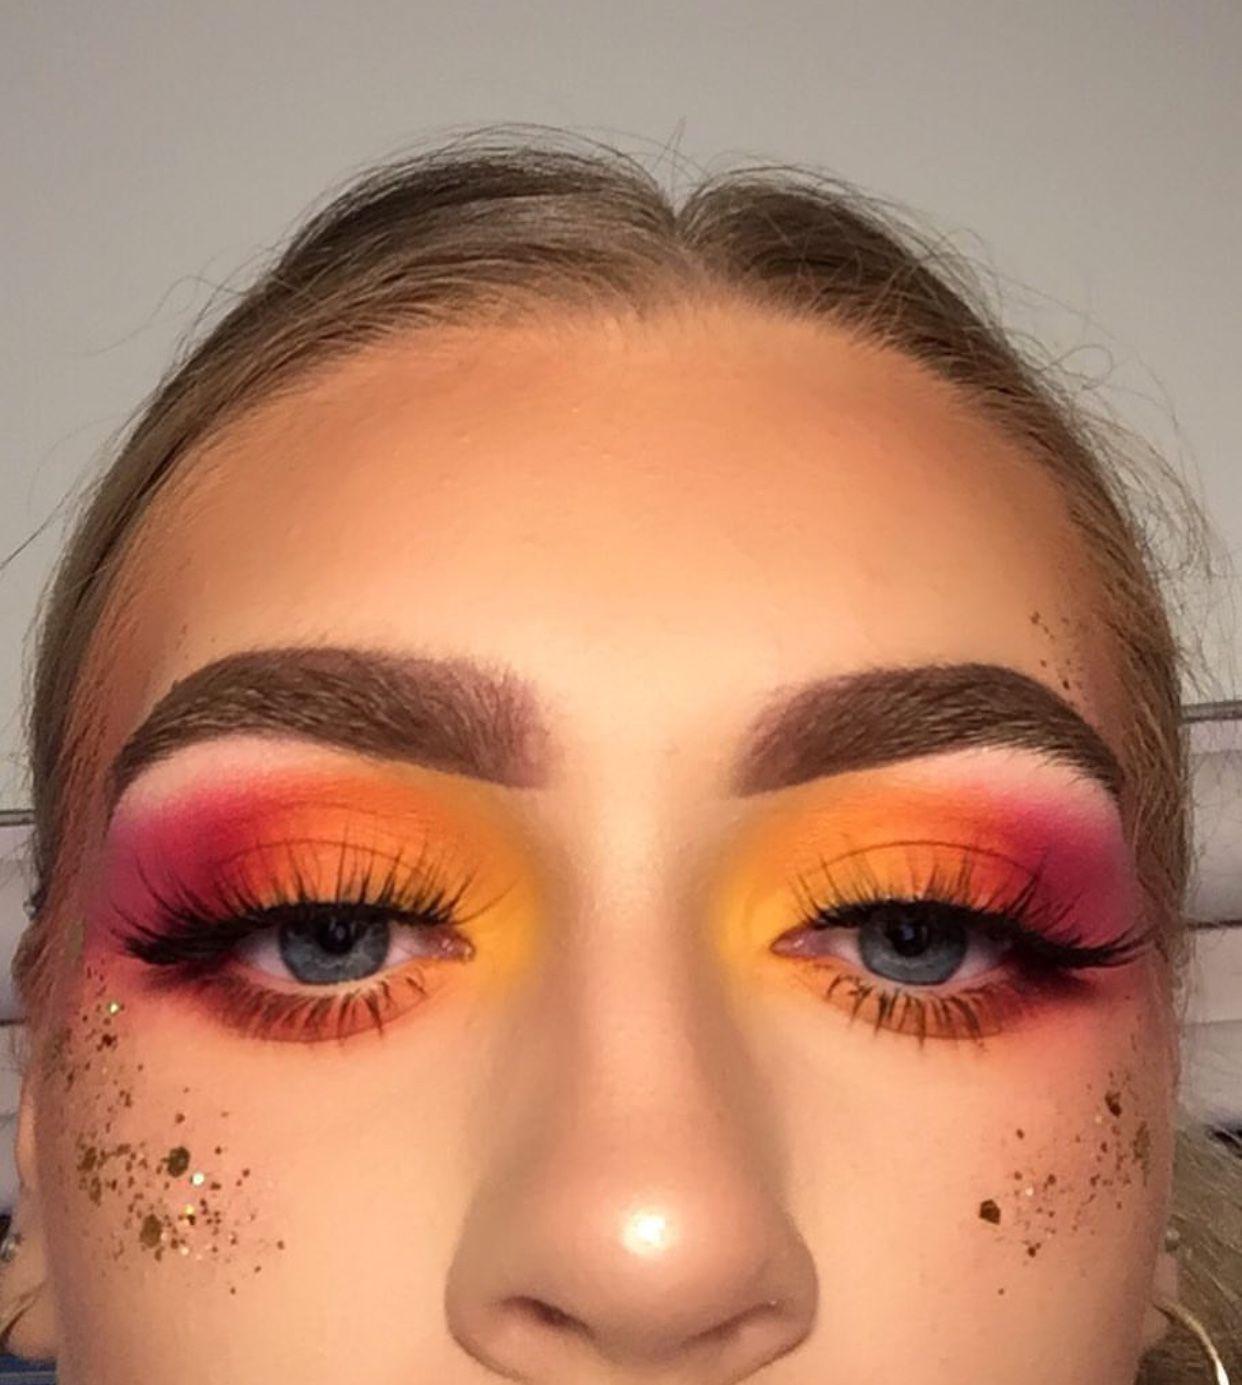 Ig Makeupwlp With Images Sunset Makeup Aesthetic Makeup Makeup